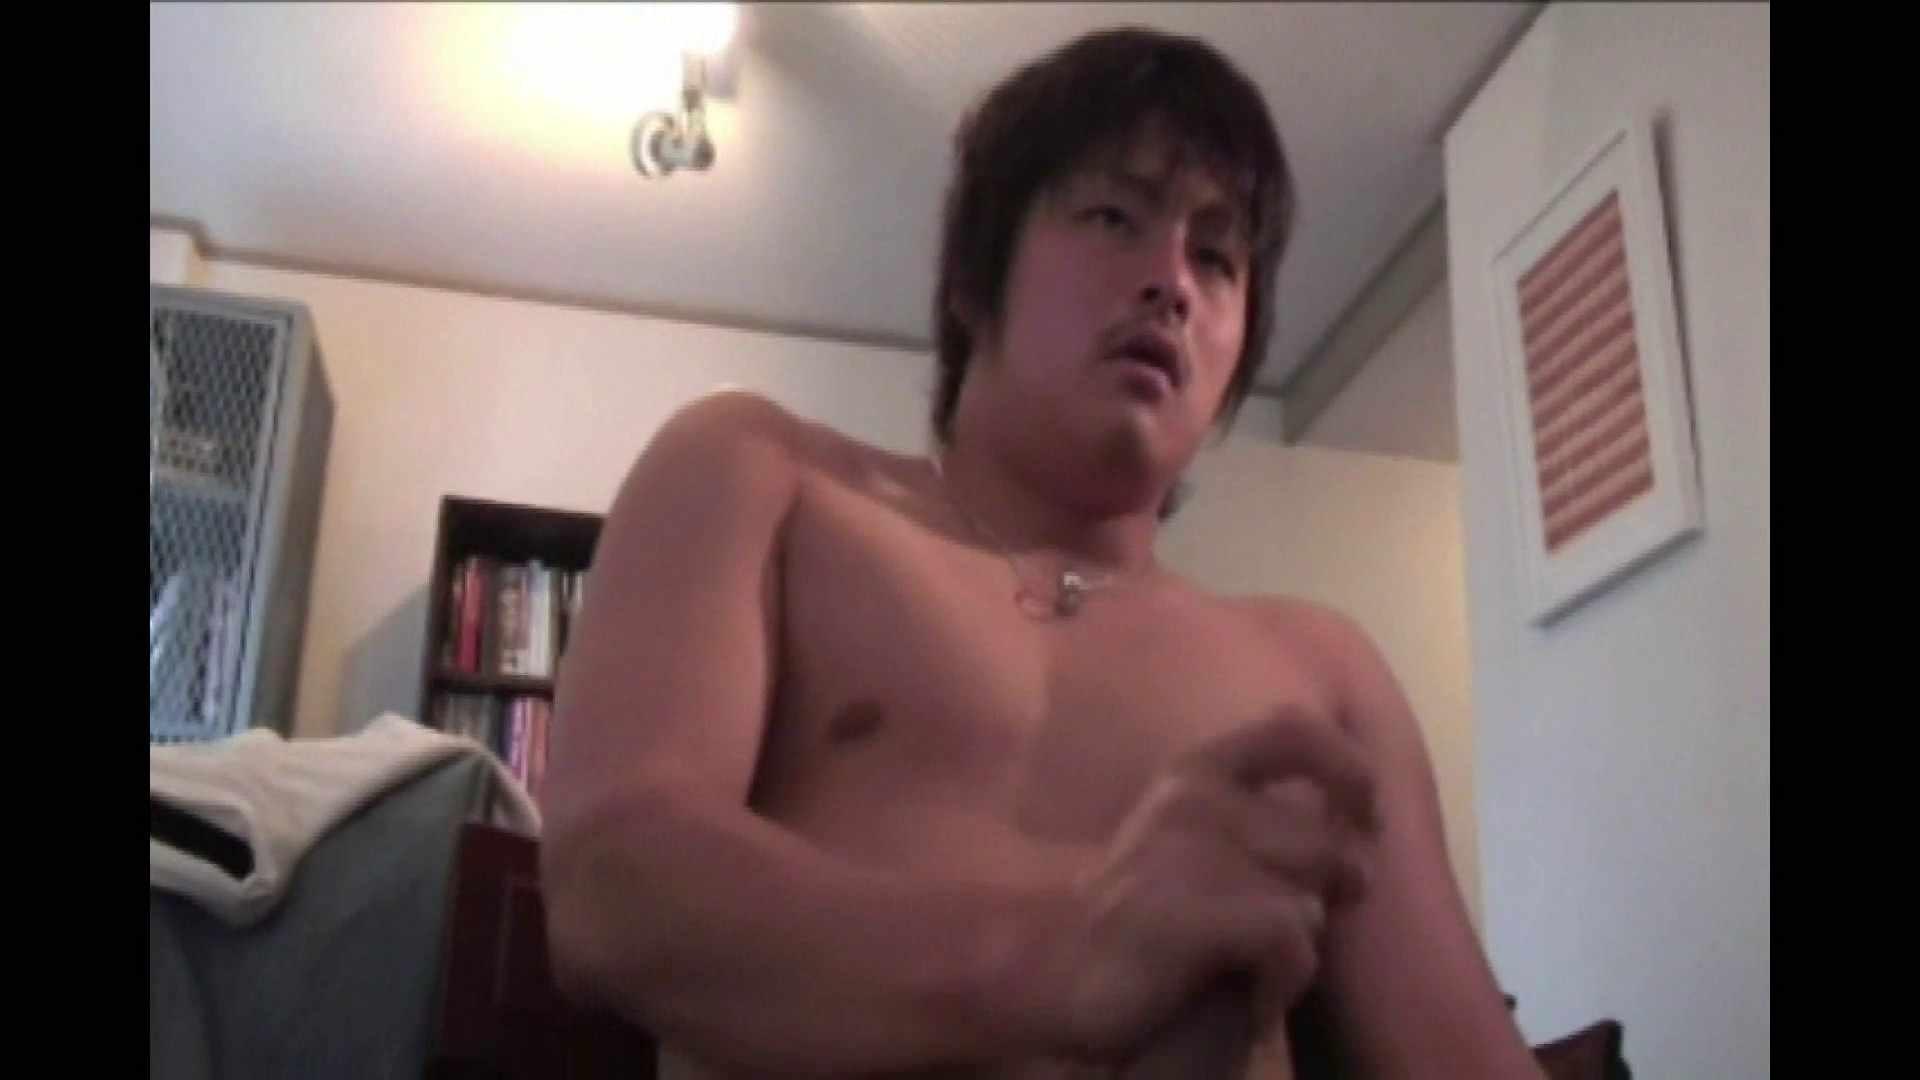 イケイケMEN'SCLUB vol.45 フェラ天国 ゲイエロビデオ画像 68pic 26